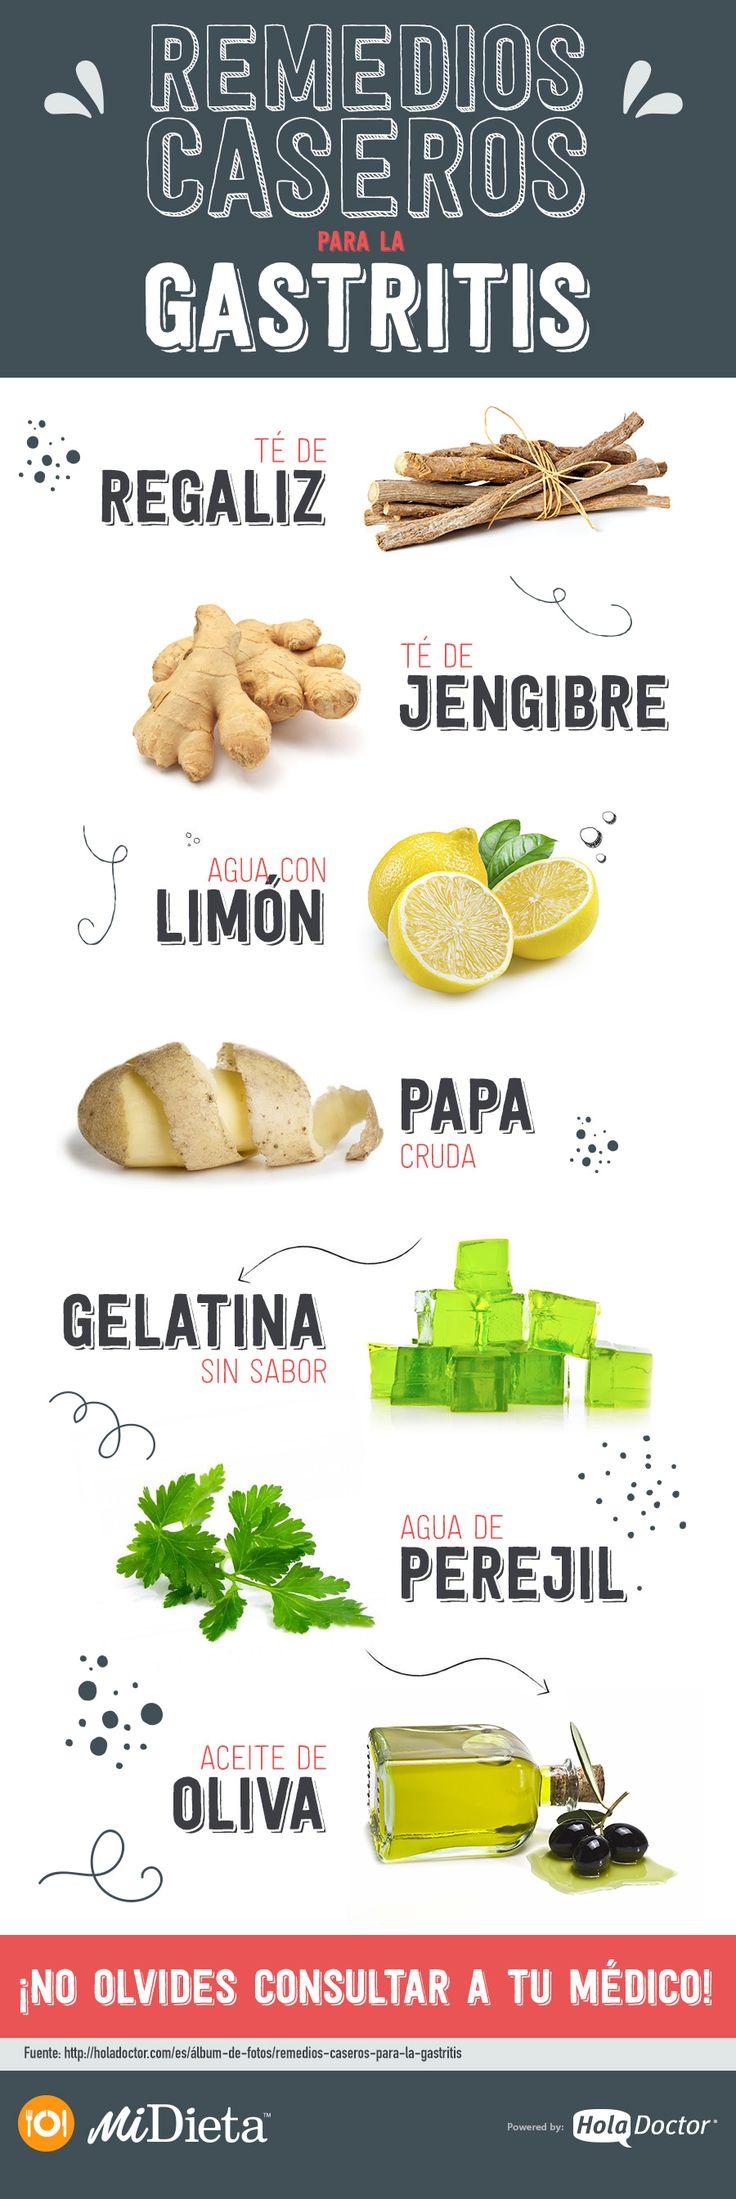 Remedios caseros para la gastritis con HolaDoctor#Gastritis #Salud #RemediosCaseros